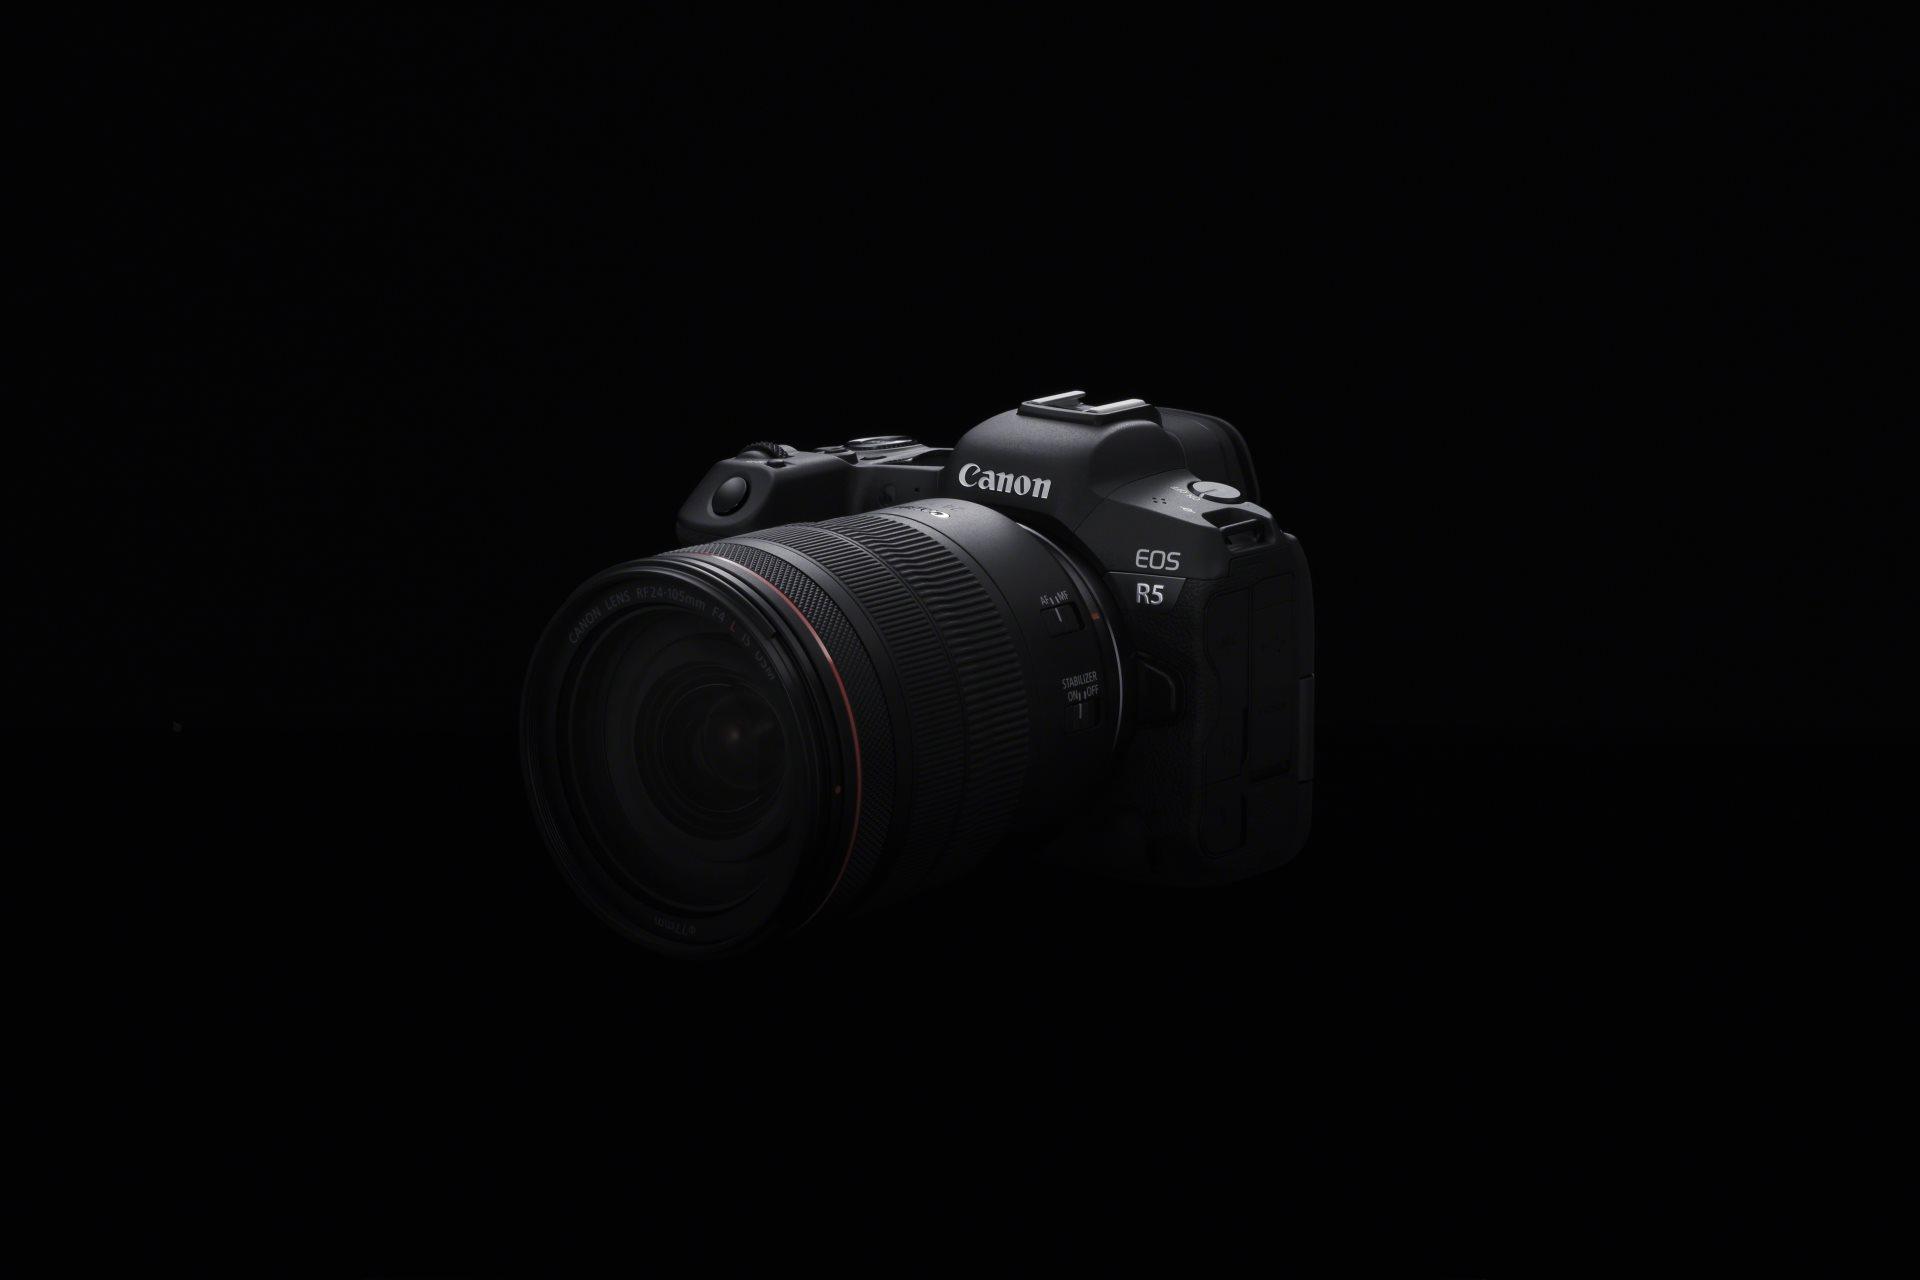 Canon объявила о разработке беззеркалки EOSR5